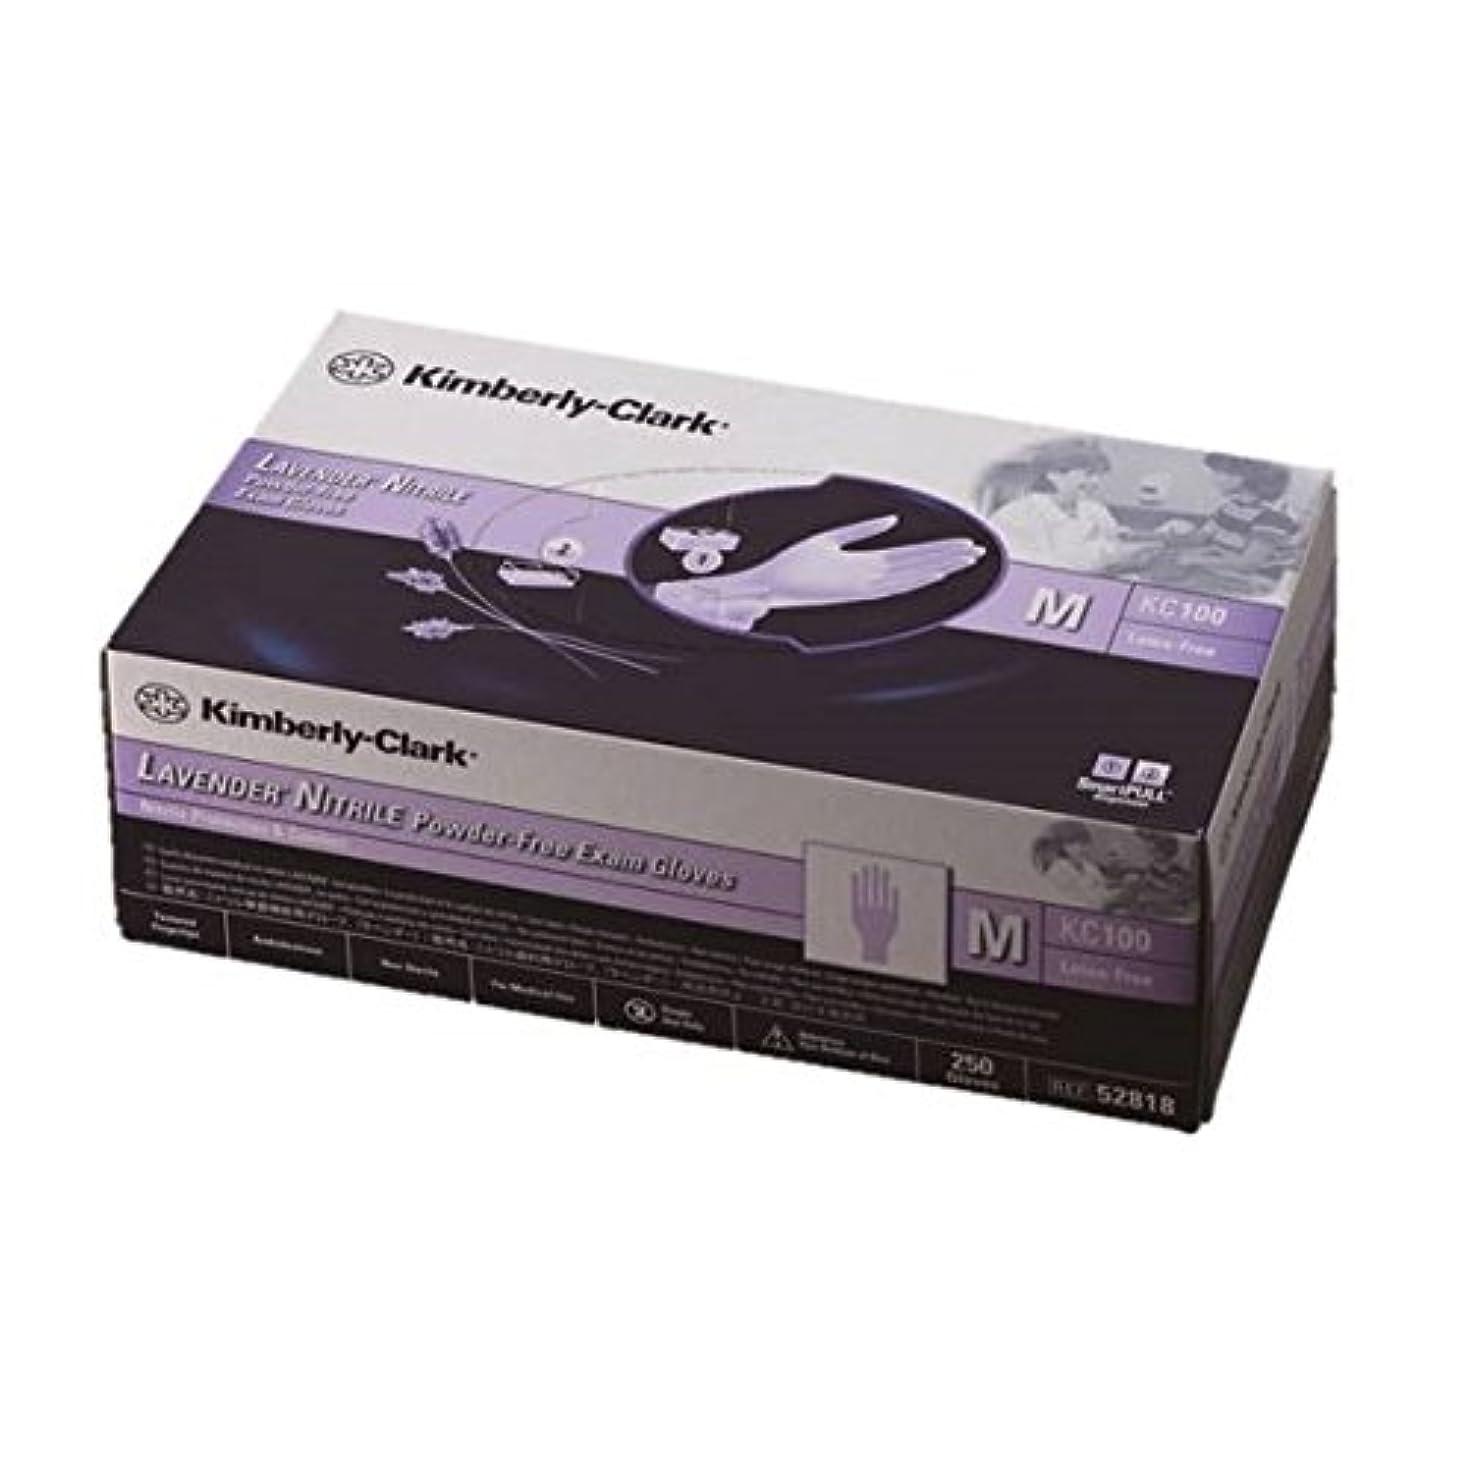 不器用手段ヒロインラベンダー ニトリル グローブ 10 箱